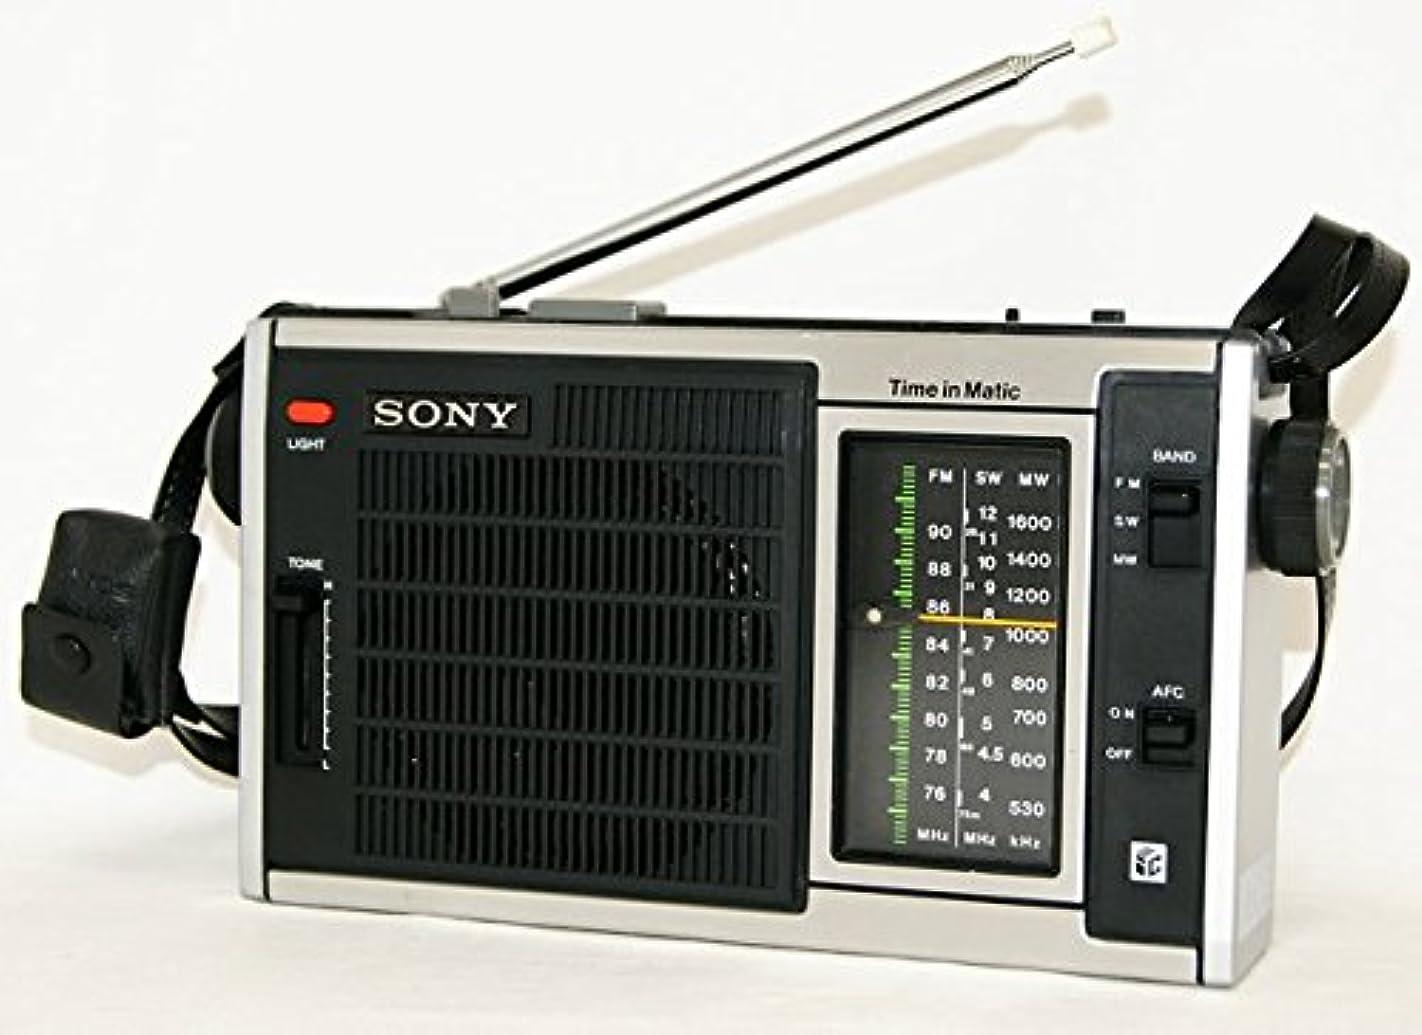 ラボモバイル丈夫SONY ソニー ICF-5350 3バンドラジオ FM/MW/SW